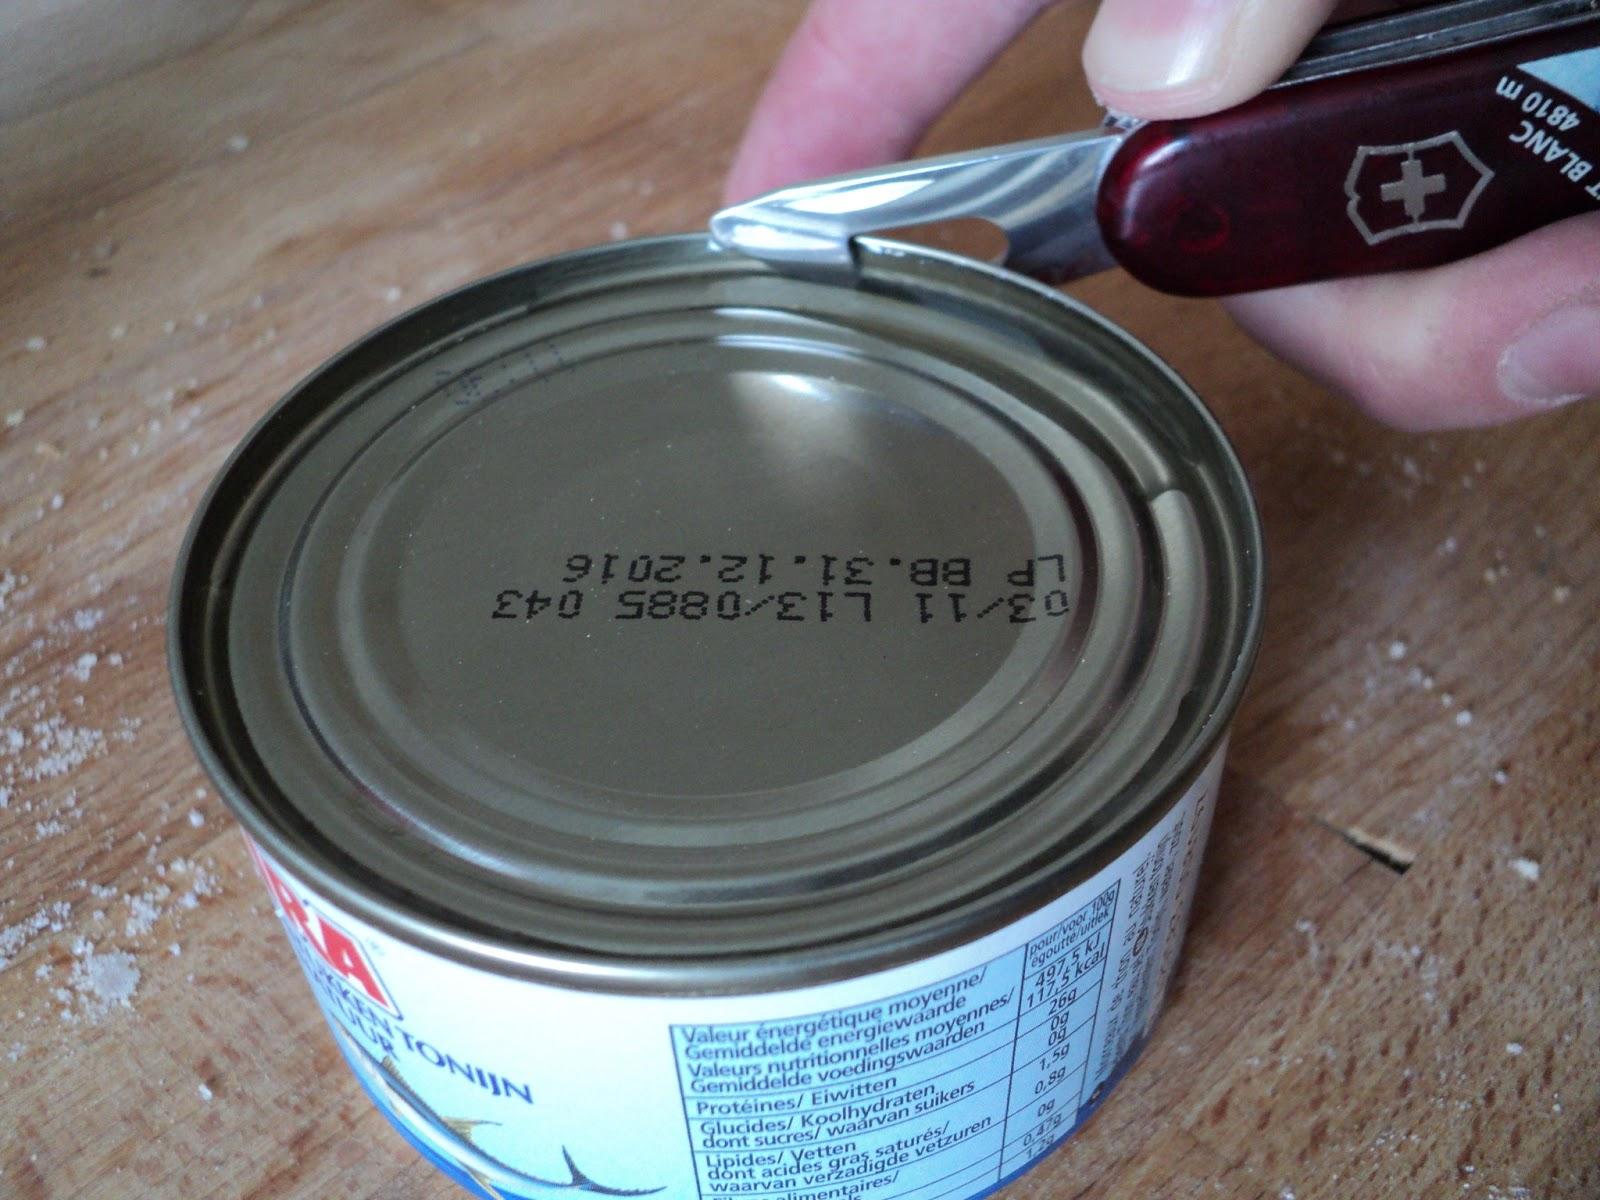 Coutellerie au chat comment ouvrir une boite de conserve avec un couteau sui - Comment ouvrir une boite de conserve sans ouvre boite ...